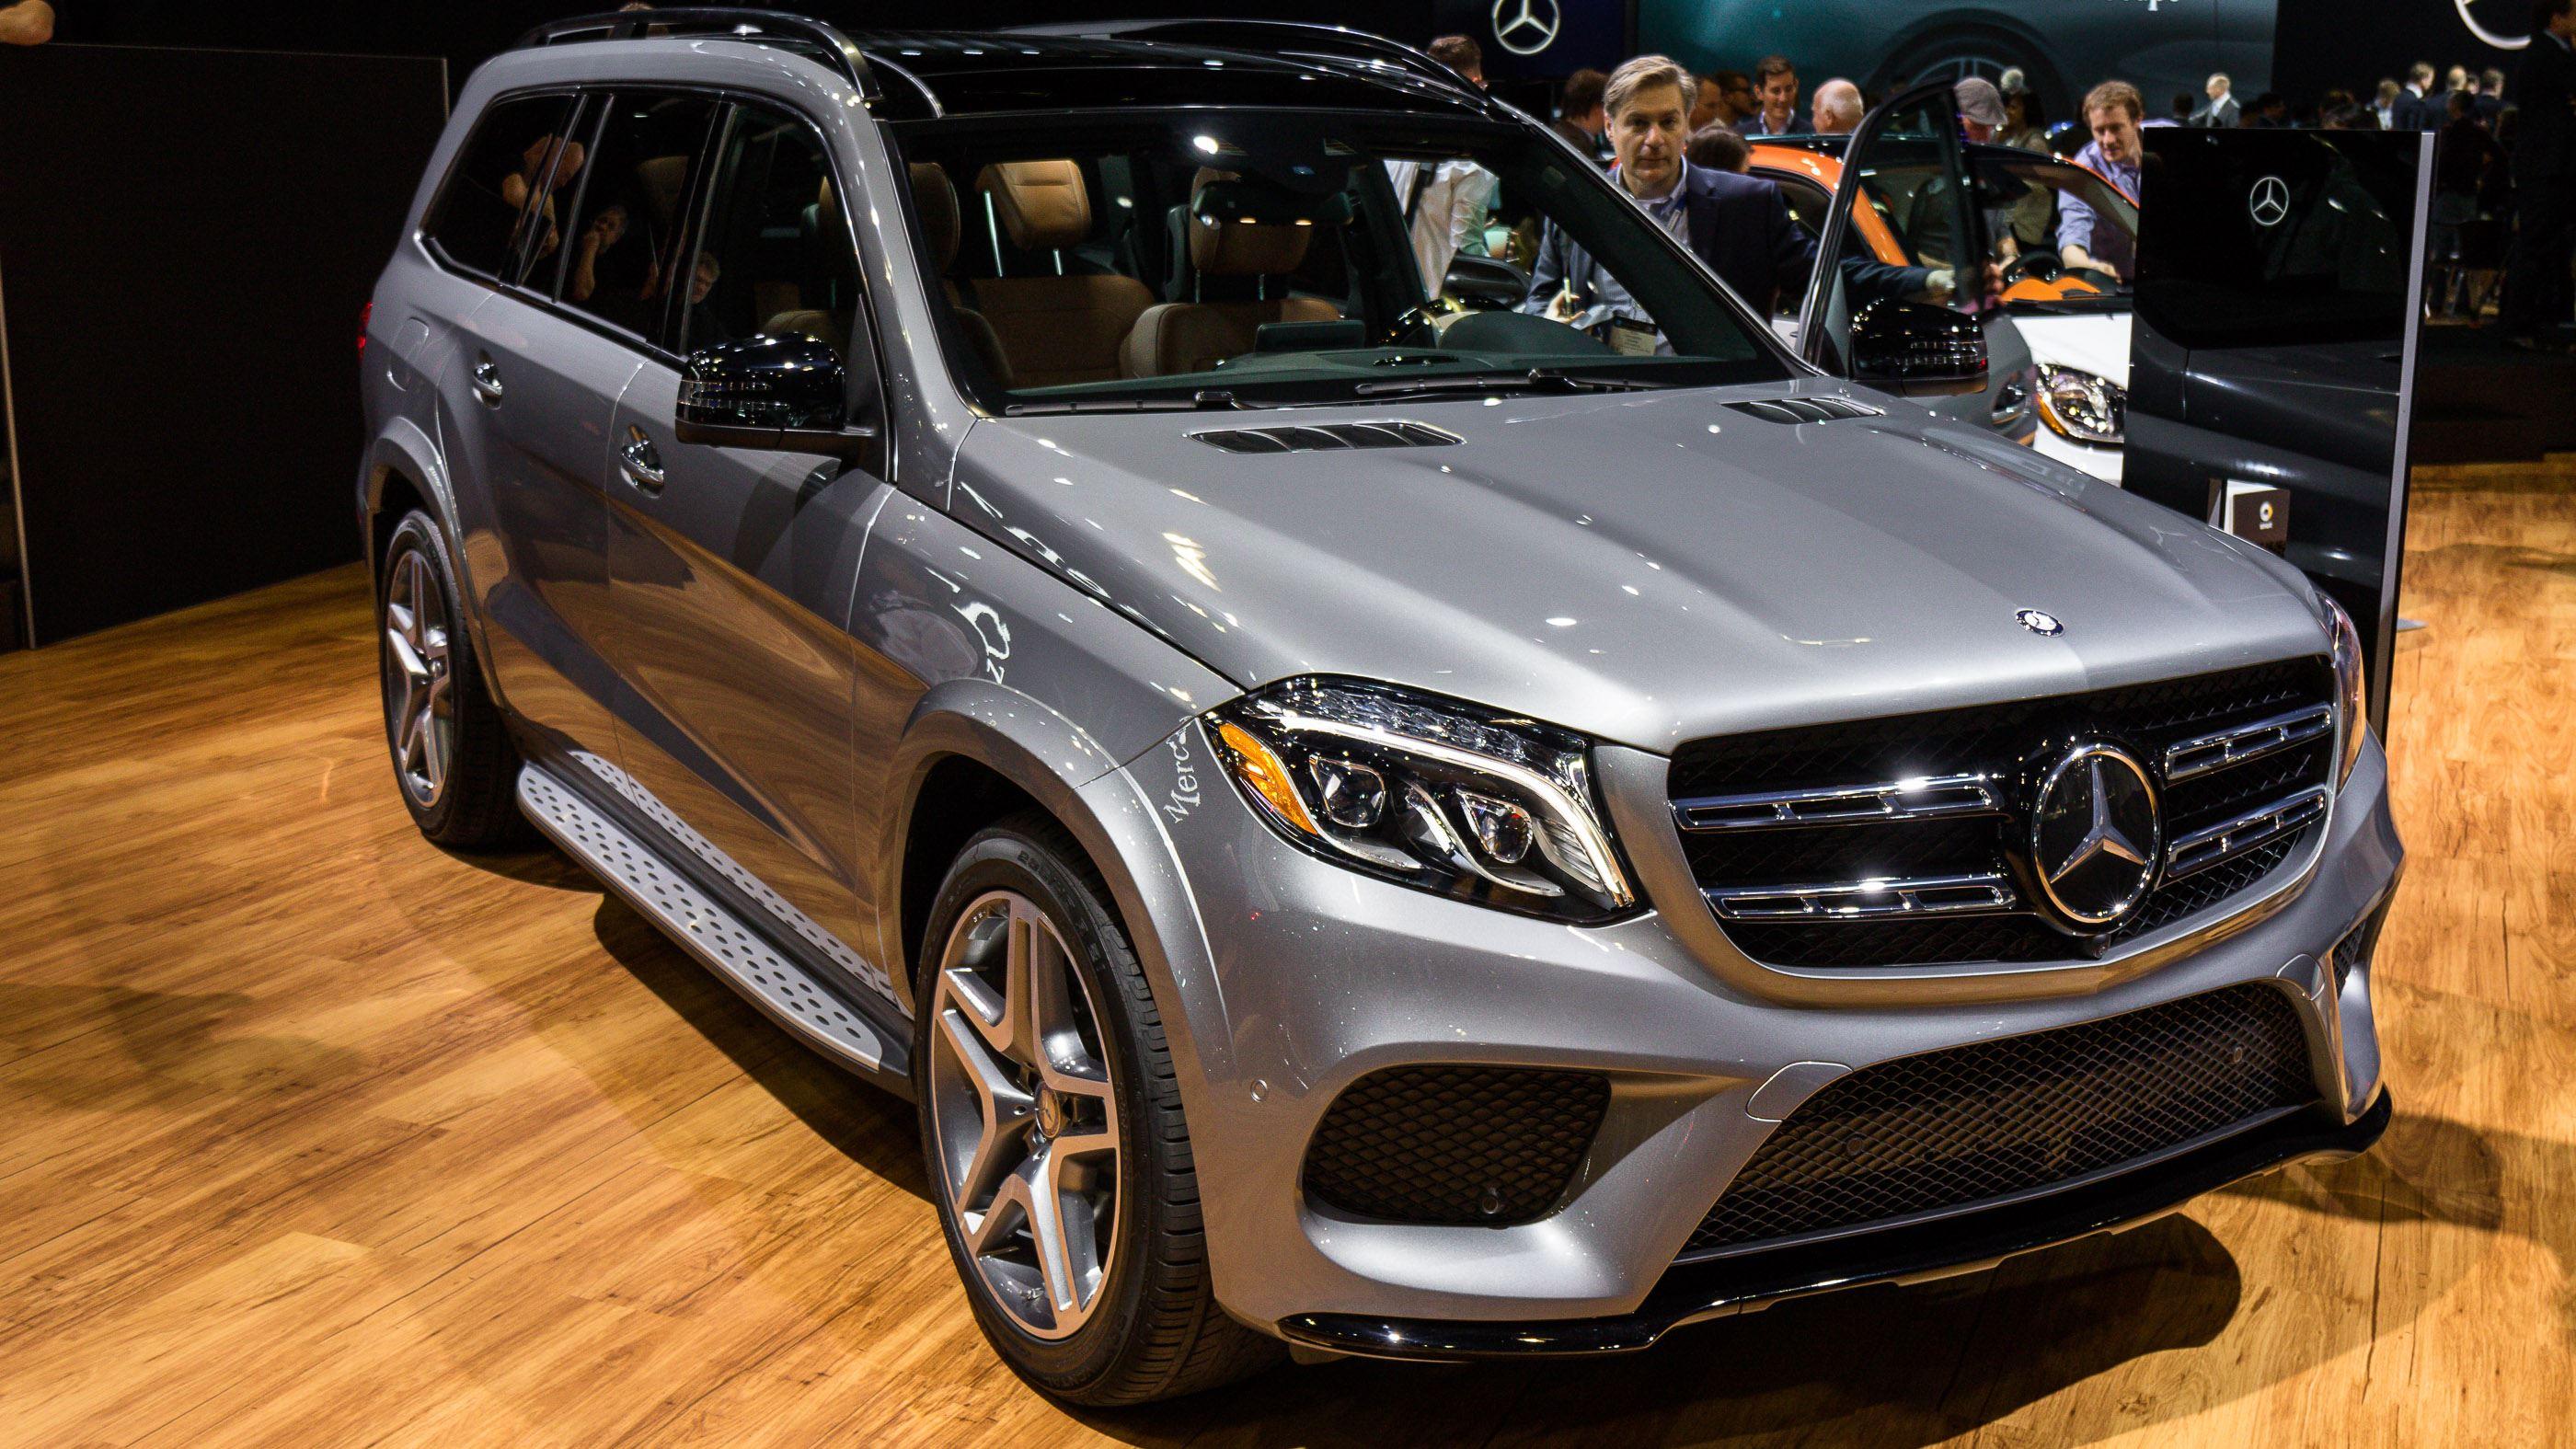 التصميم الخارجي للسيارة مرسيدس جي ال اس 2016